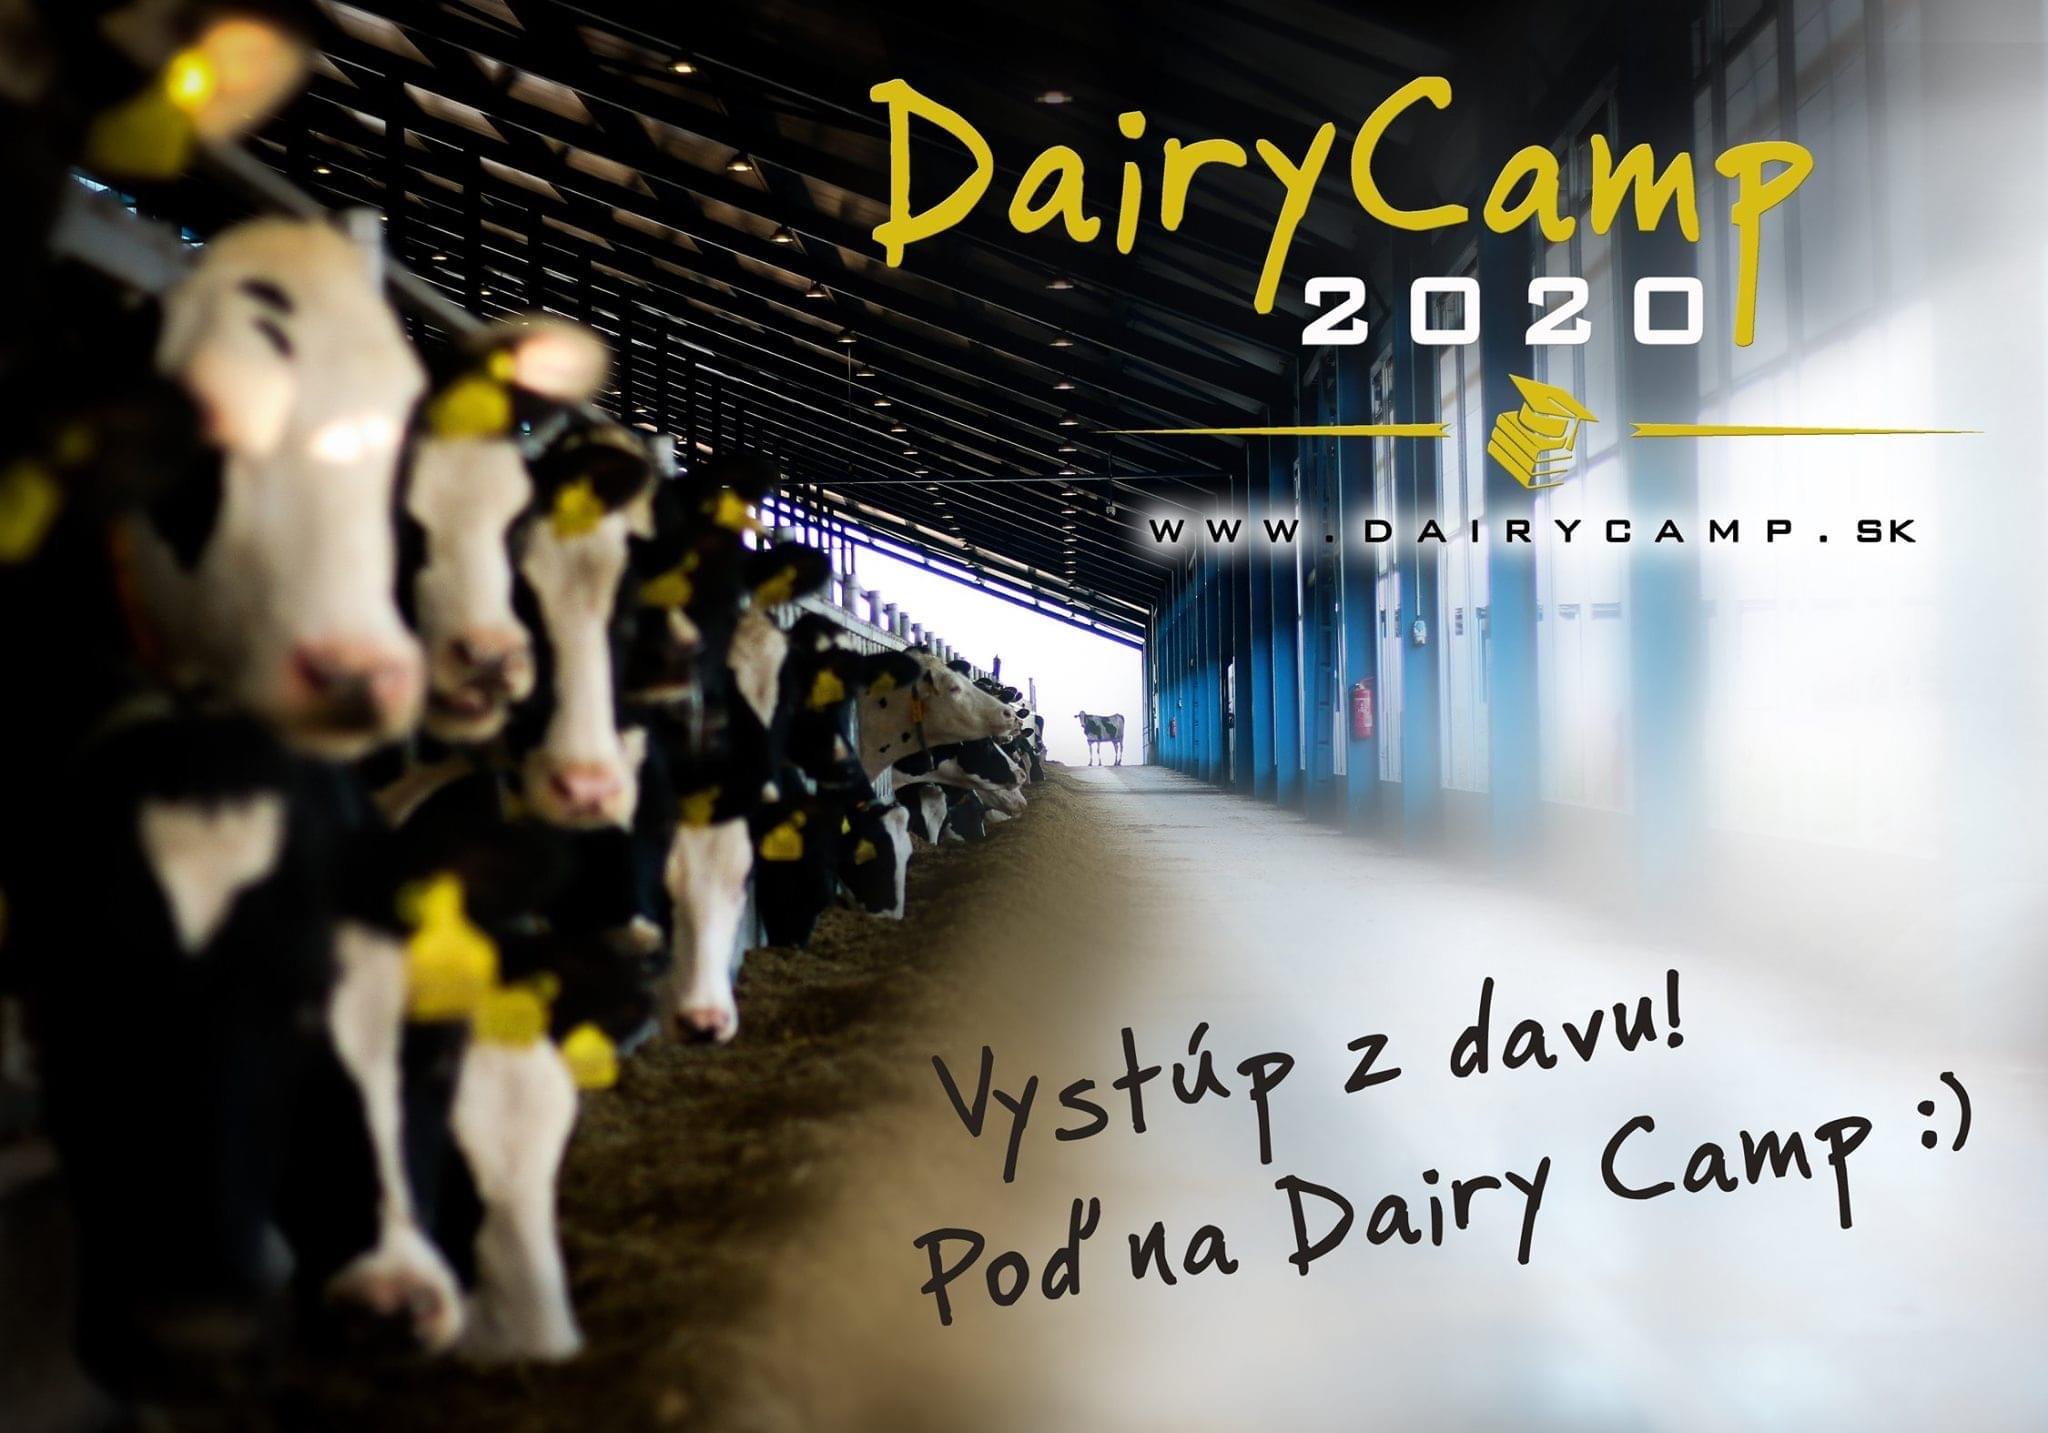 Vystúp z davu! Poď na Dairy Camp